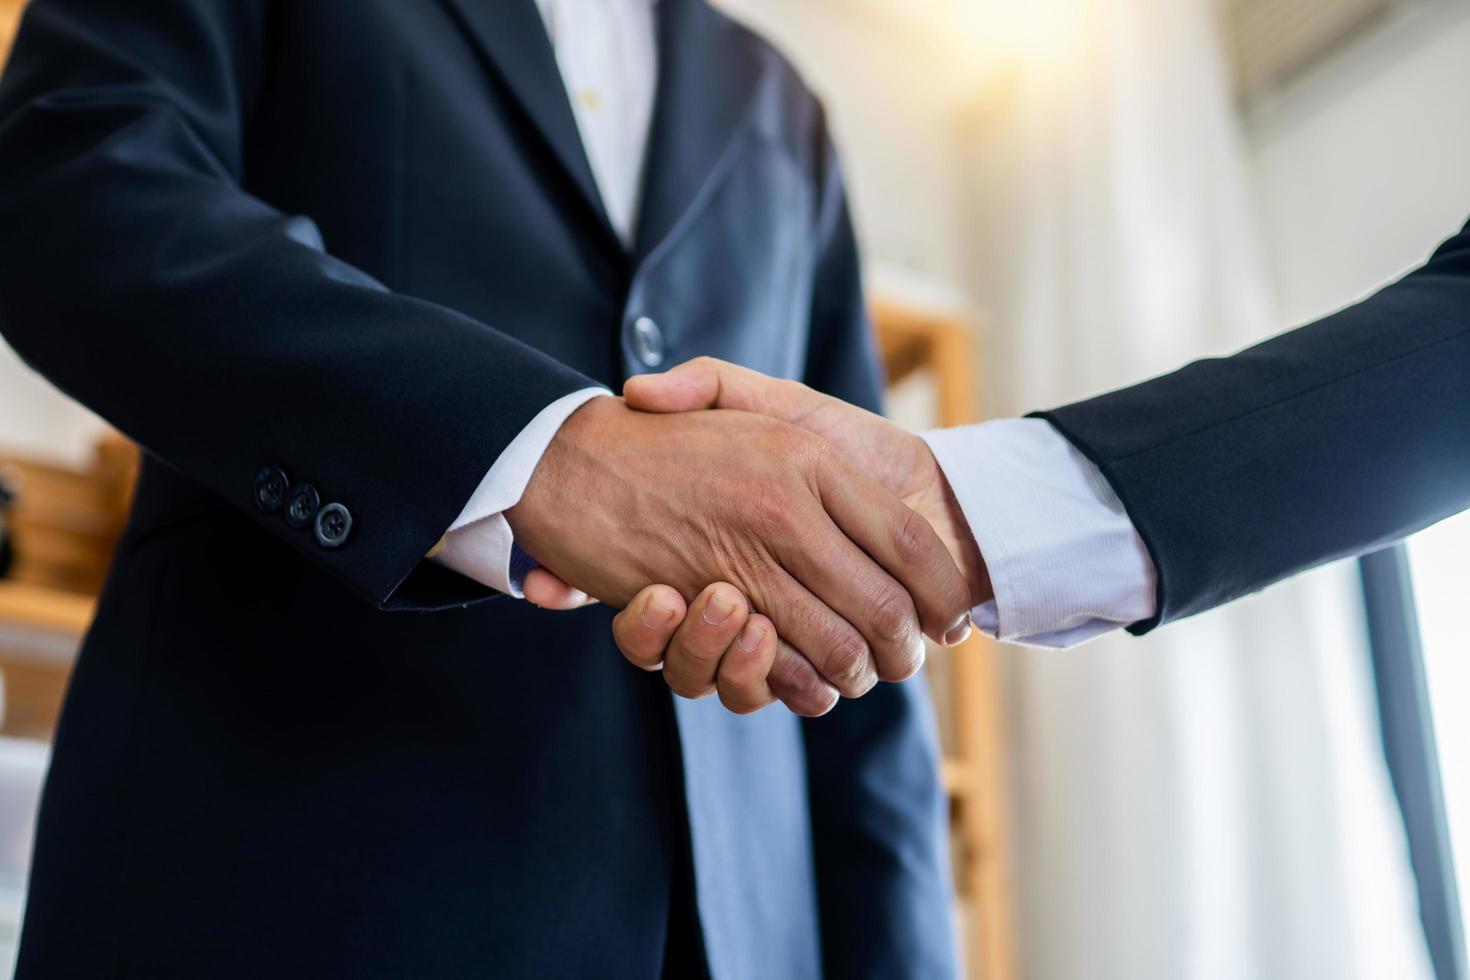 deux hommes d'affaires se serrent la main pour conclure un accord de négociation au travail photo